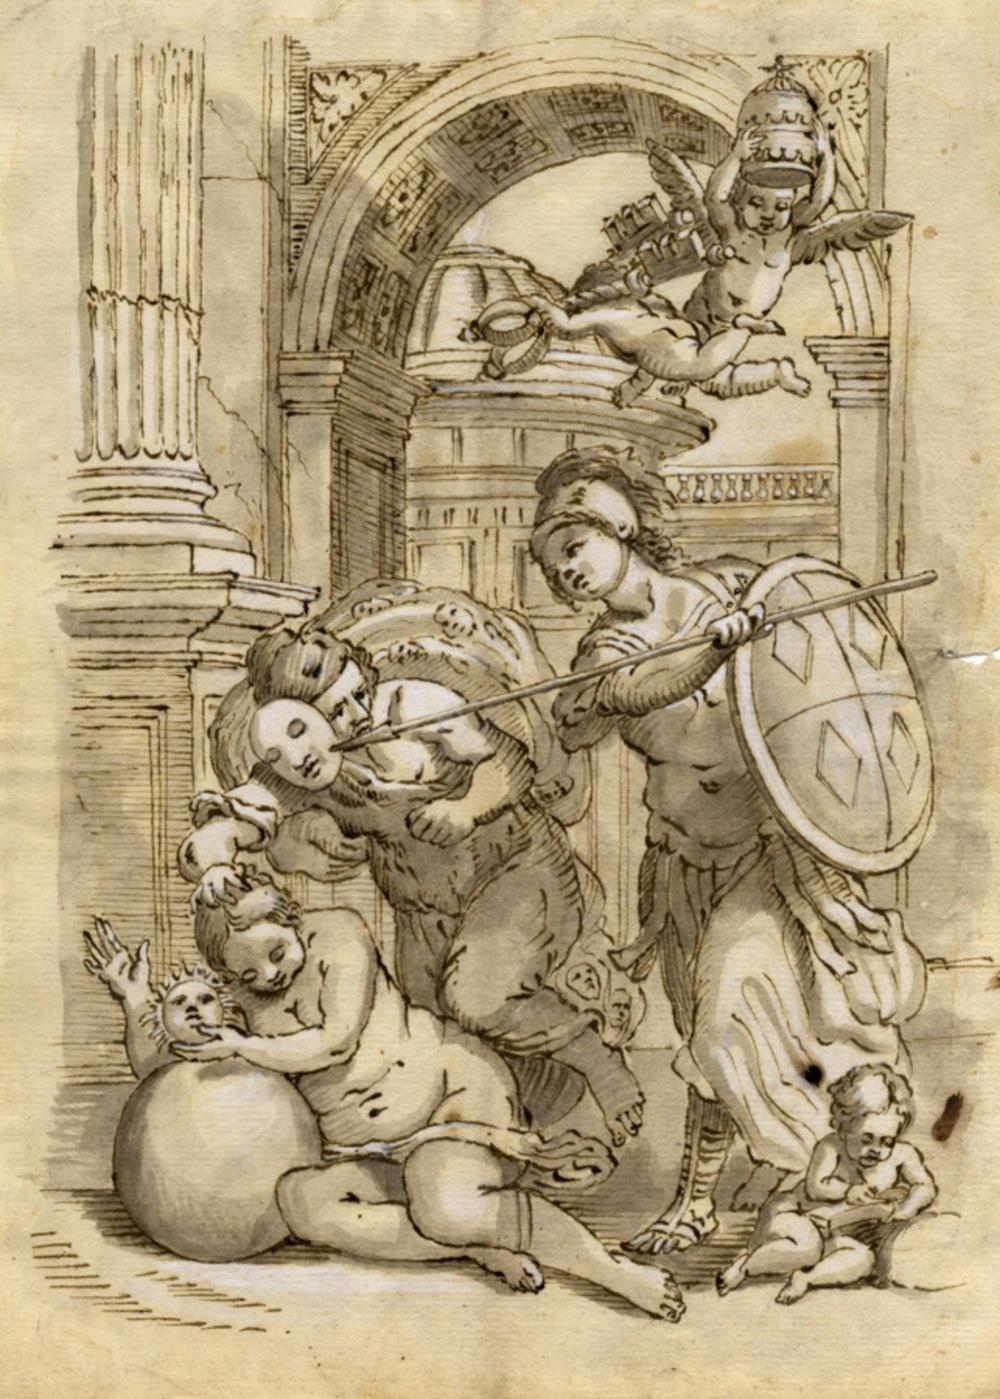 Anonimo del XVII secolo, Allegoria con Minerva che toglie la maschera all'inganno.